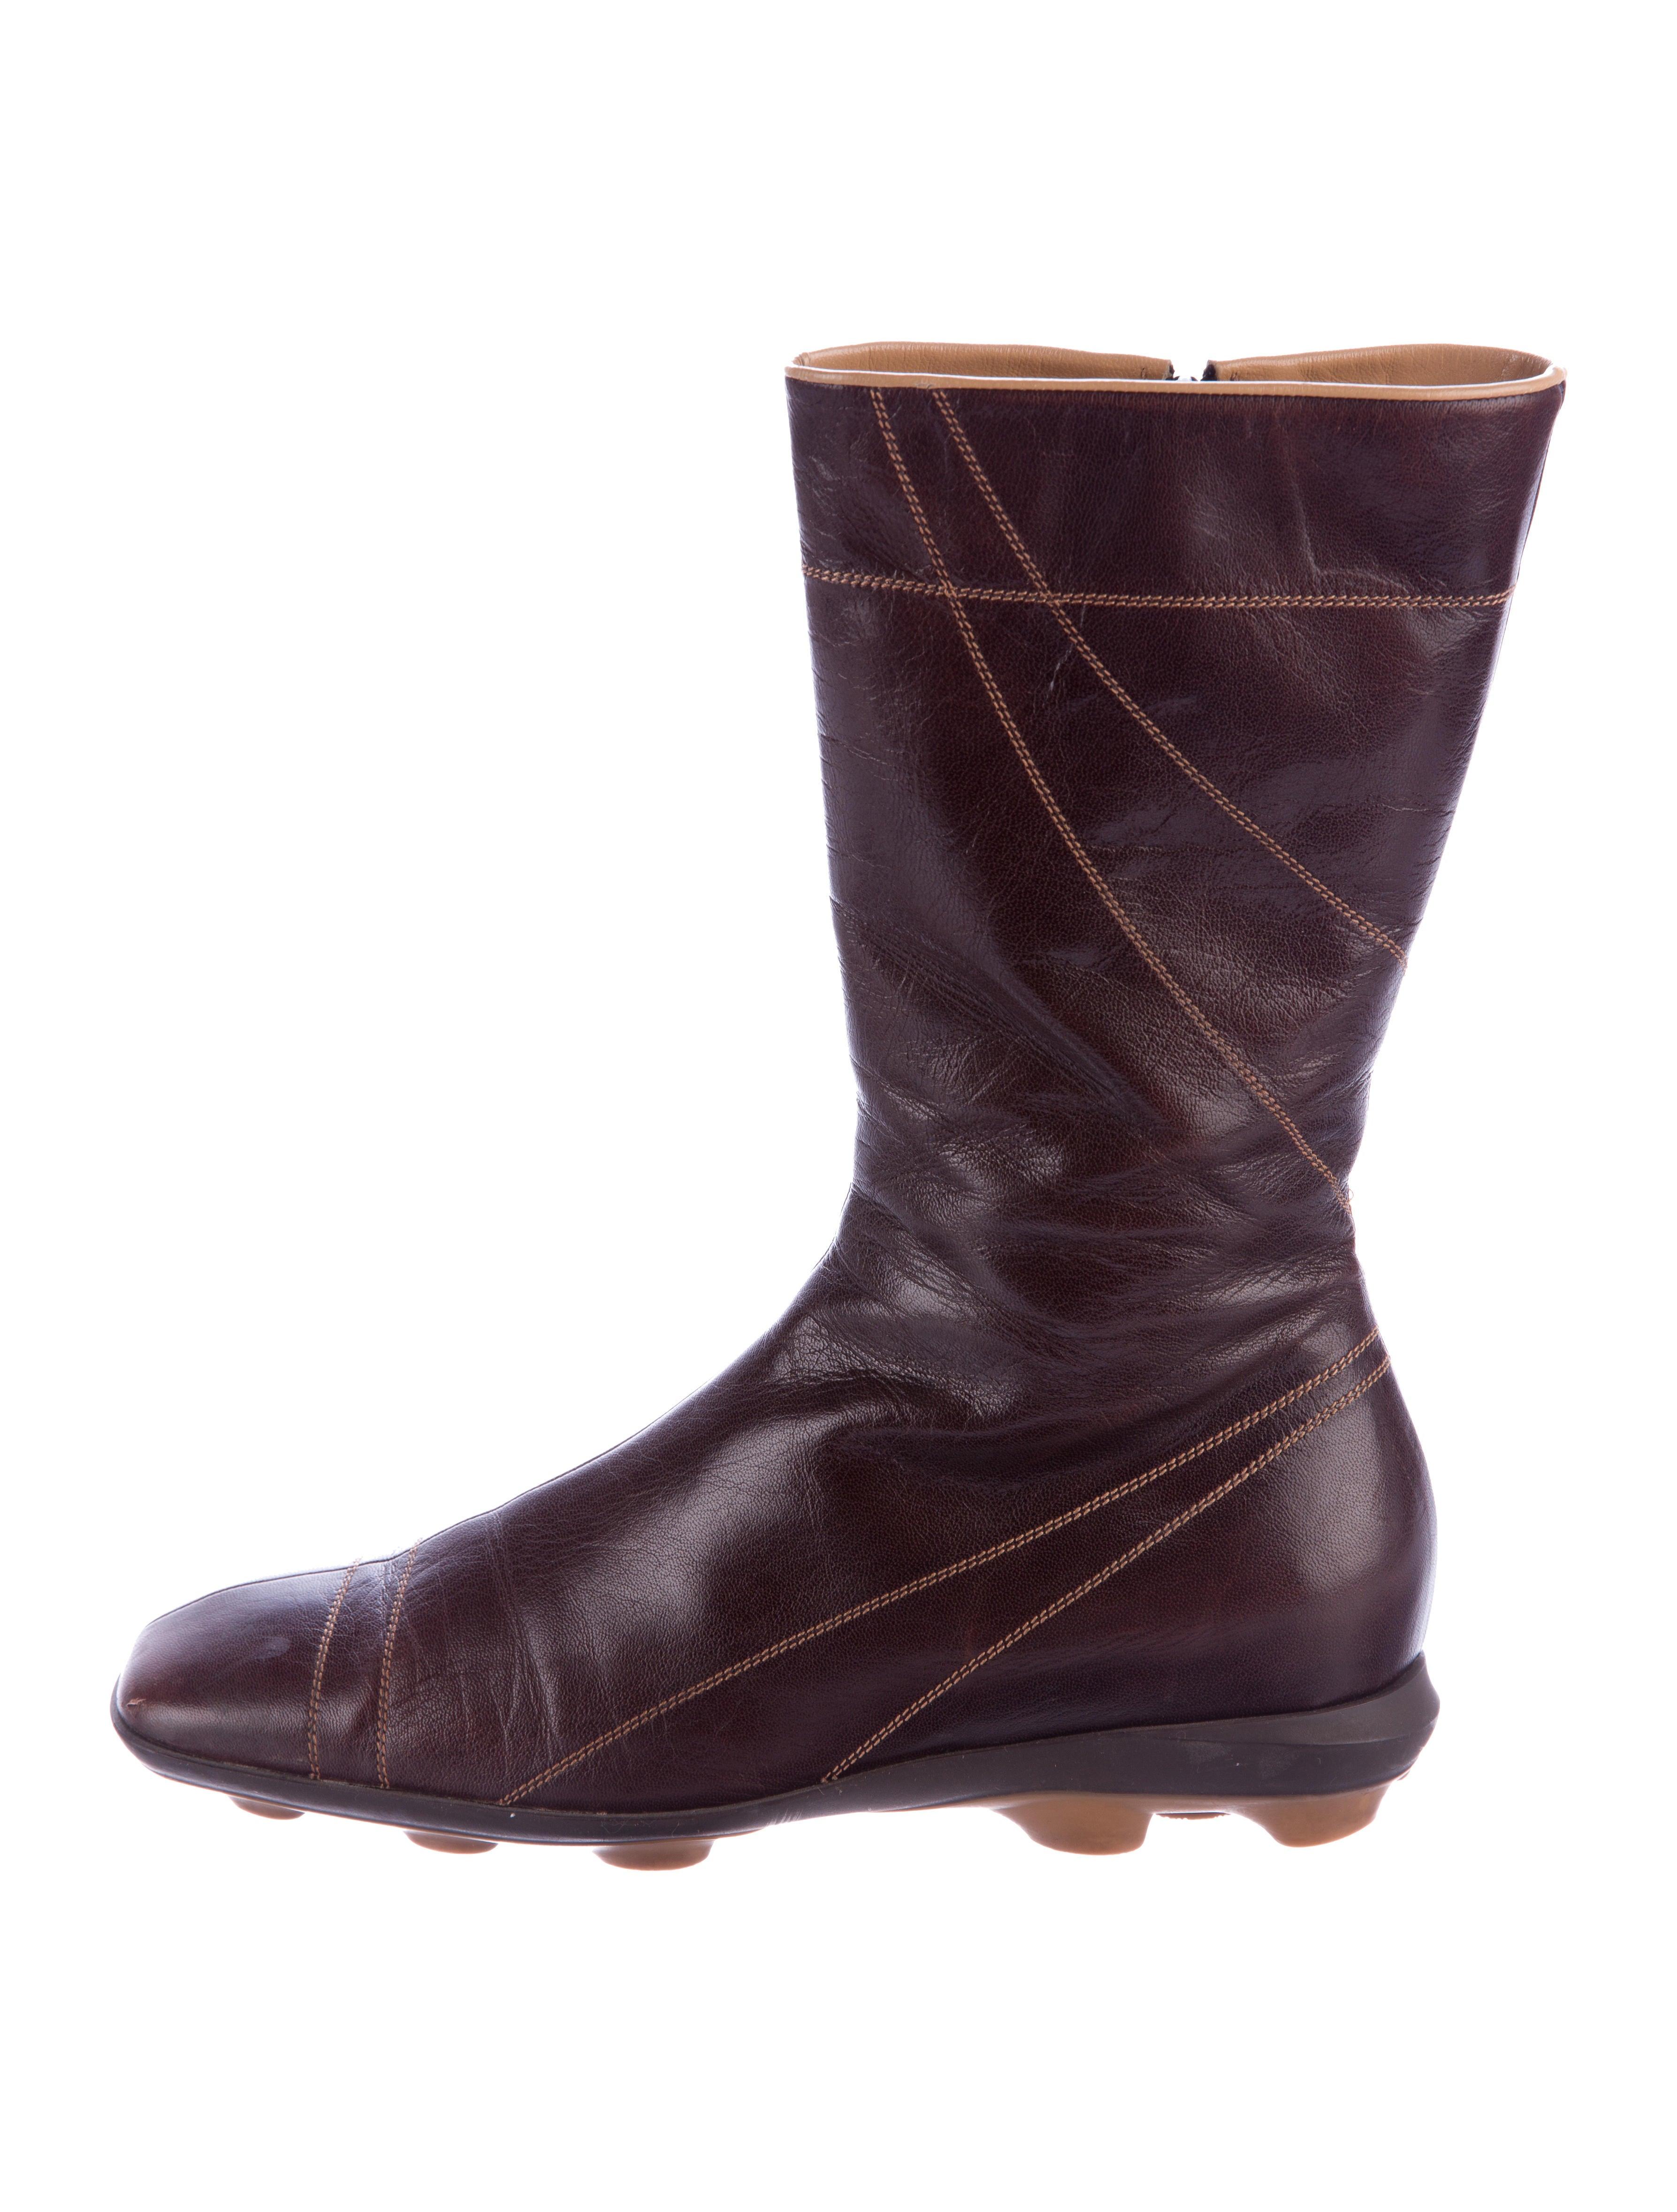 miu miu leather mid calf boots shoes miu50390 the